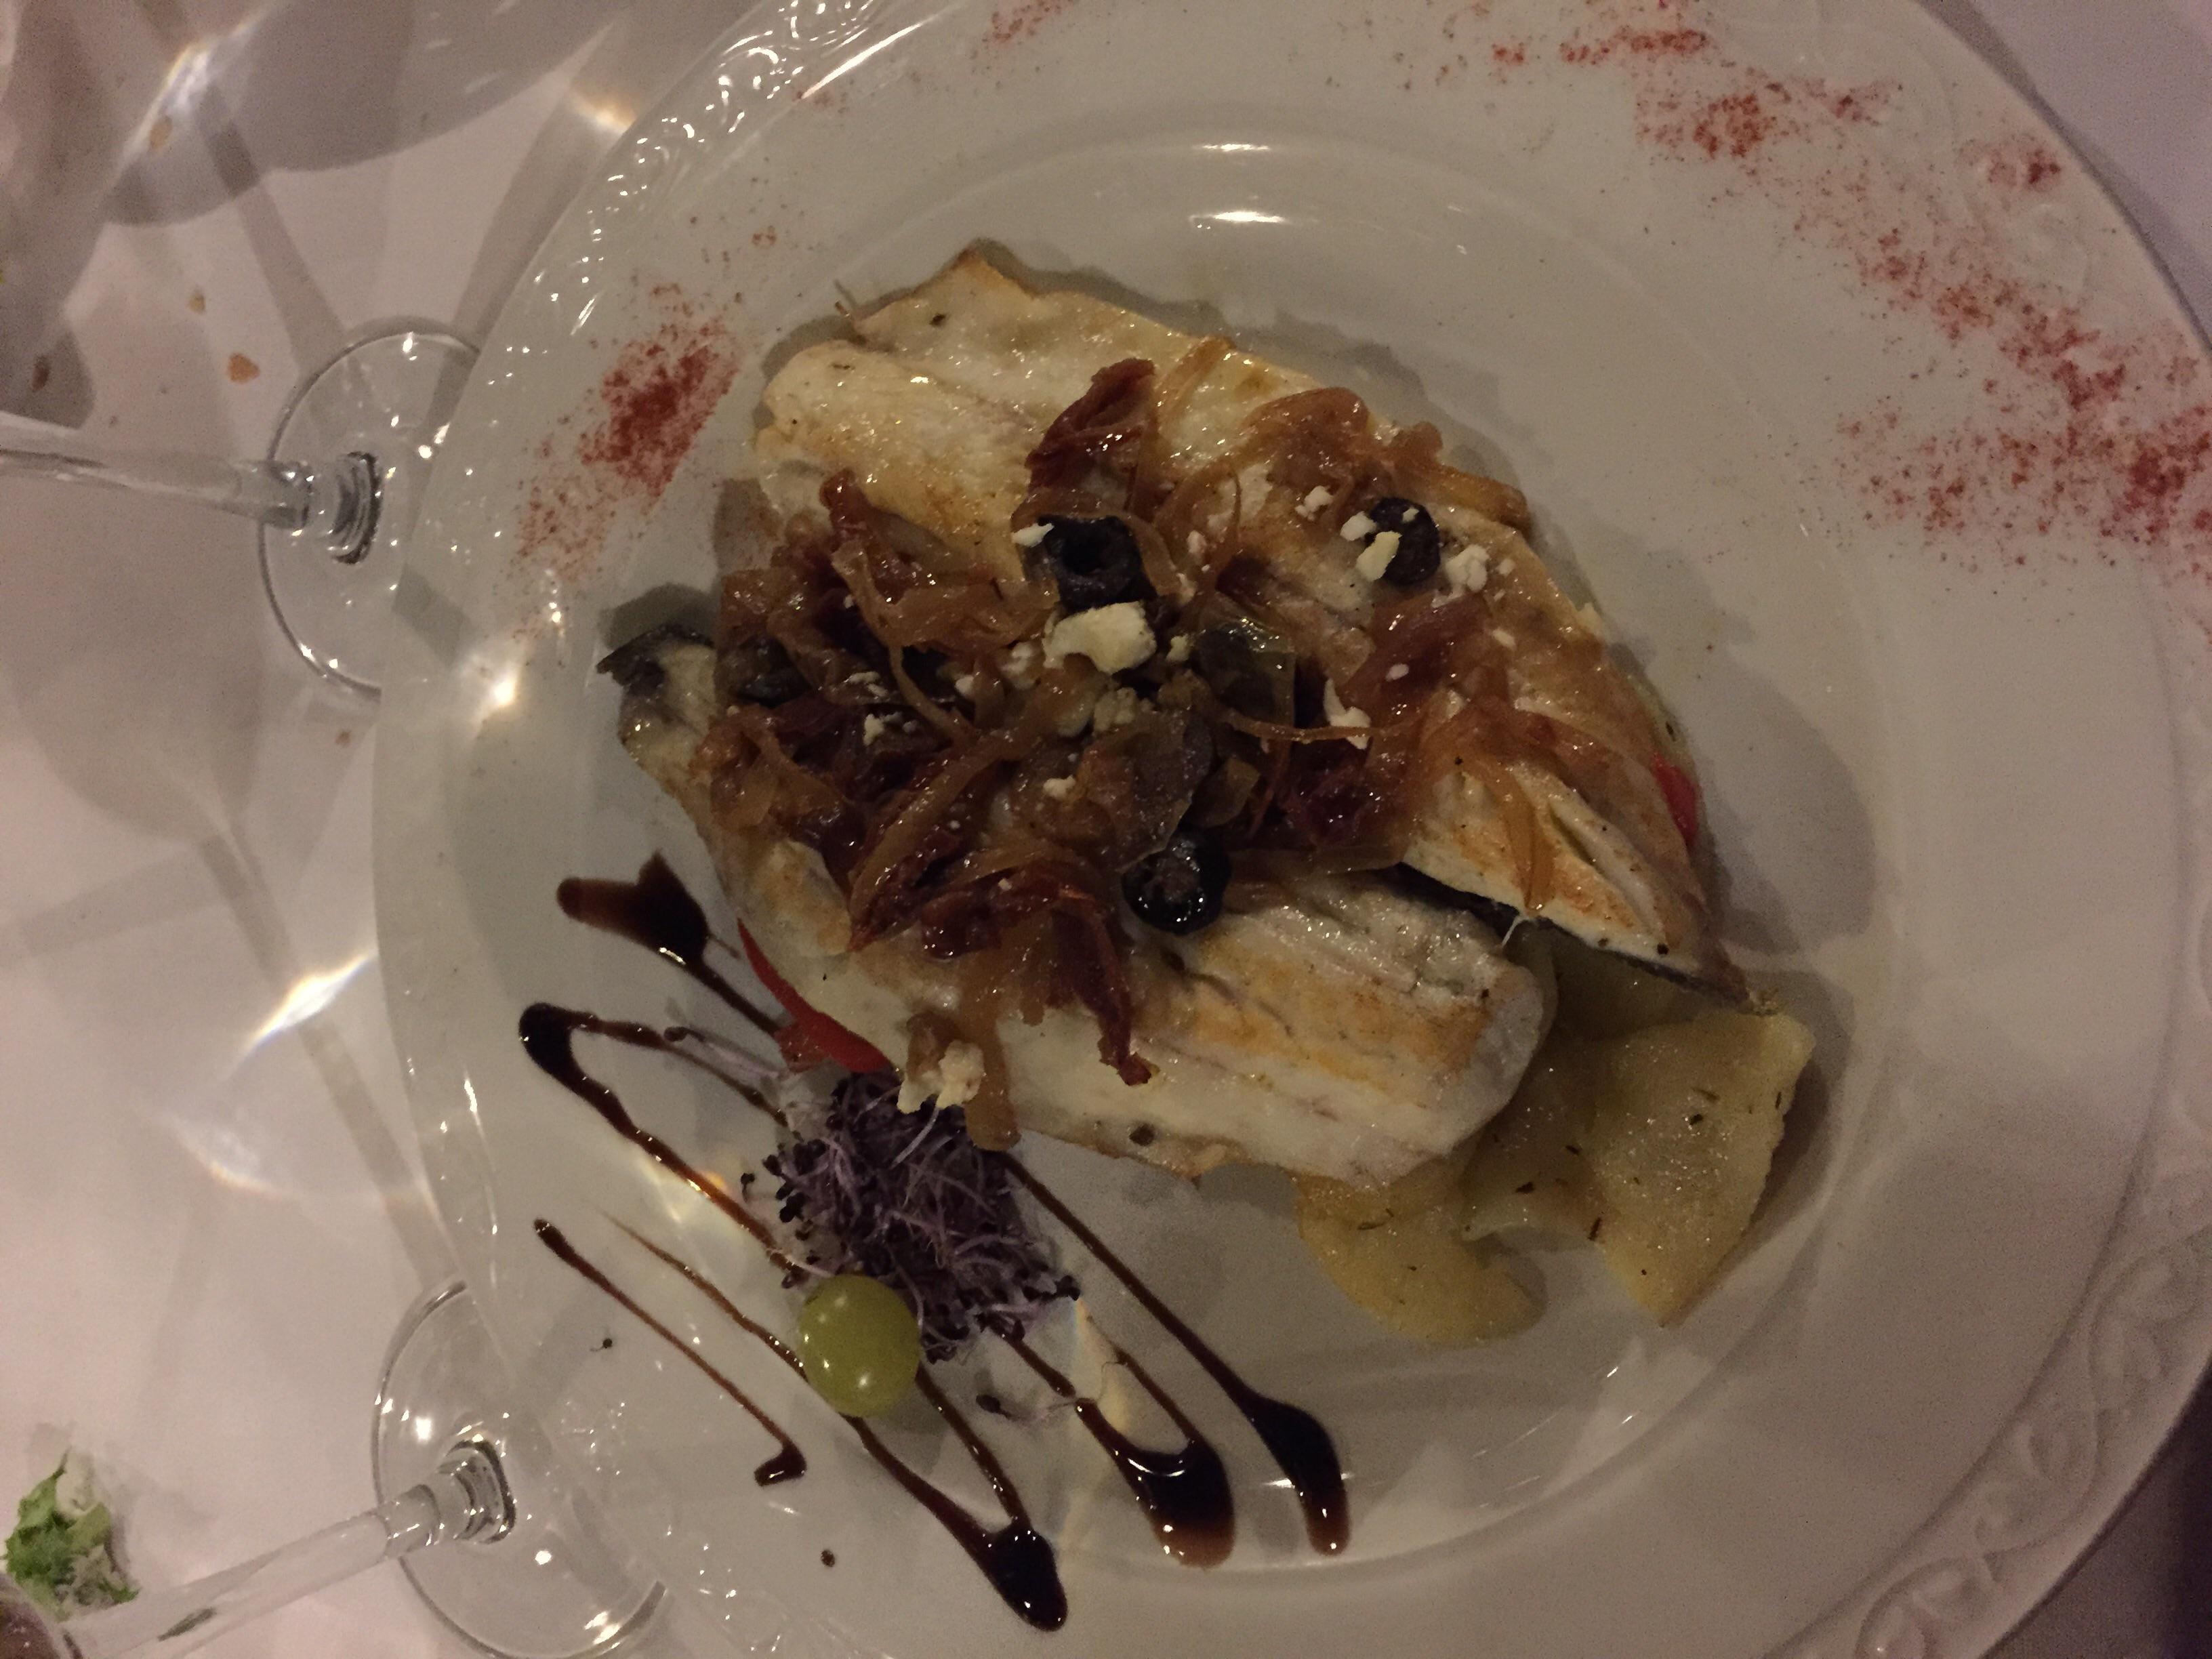 My sea bass dish!